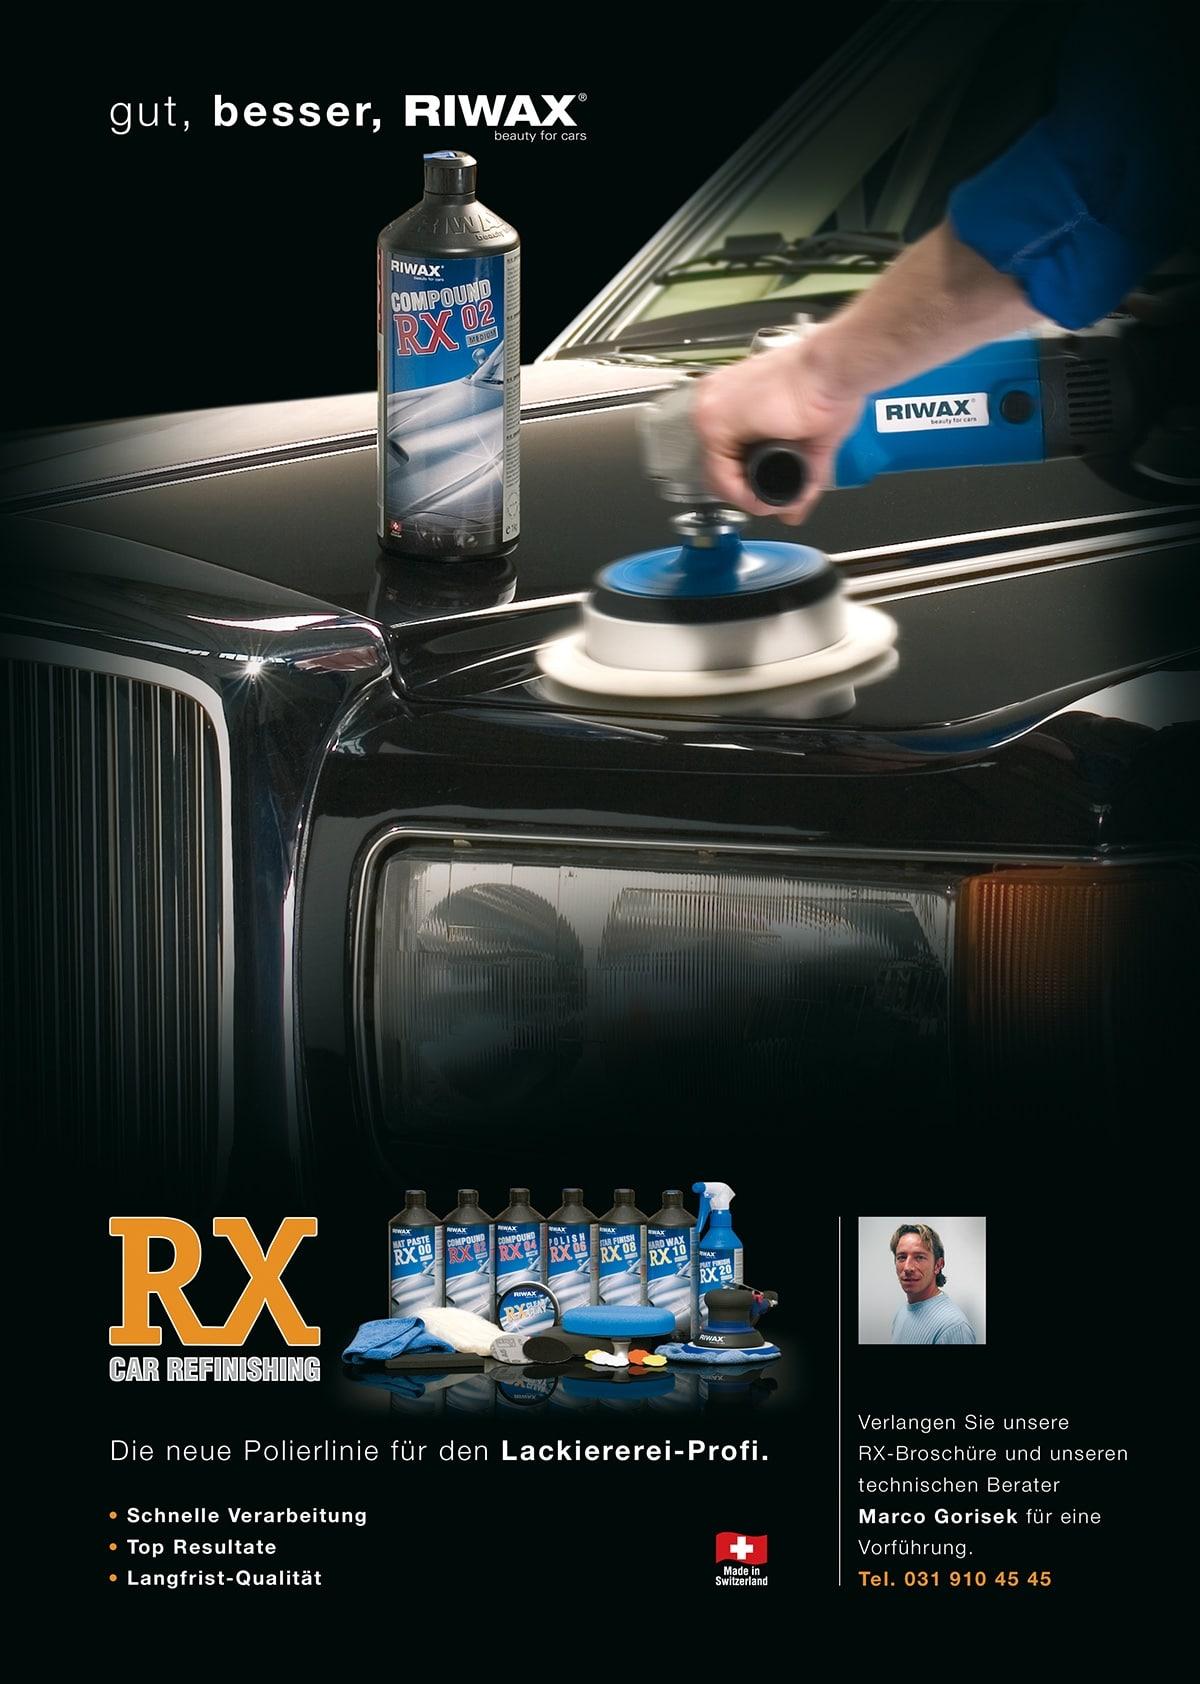 Werbung-Werbefotograf-Bern-Burgdorf-RIWAX-Bernhard-Haldemann